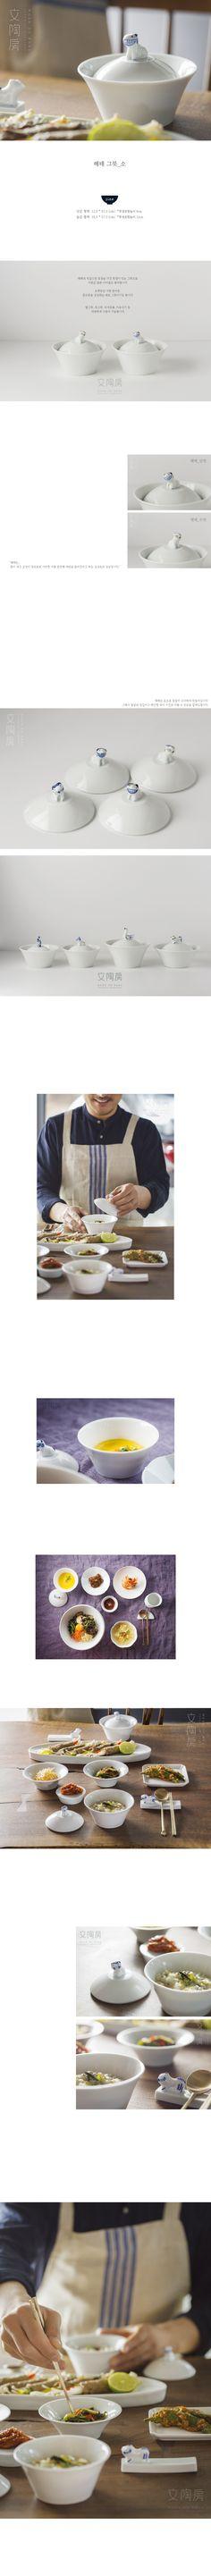 문도방 쇼핑몰 Ceramic Art, Dishes, Bottle, Cooking, Kitchen, Tablewares, Flask, Ceramics, Brewing